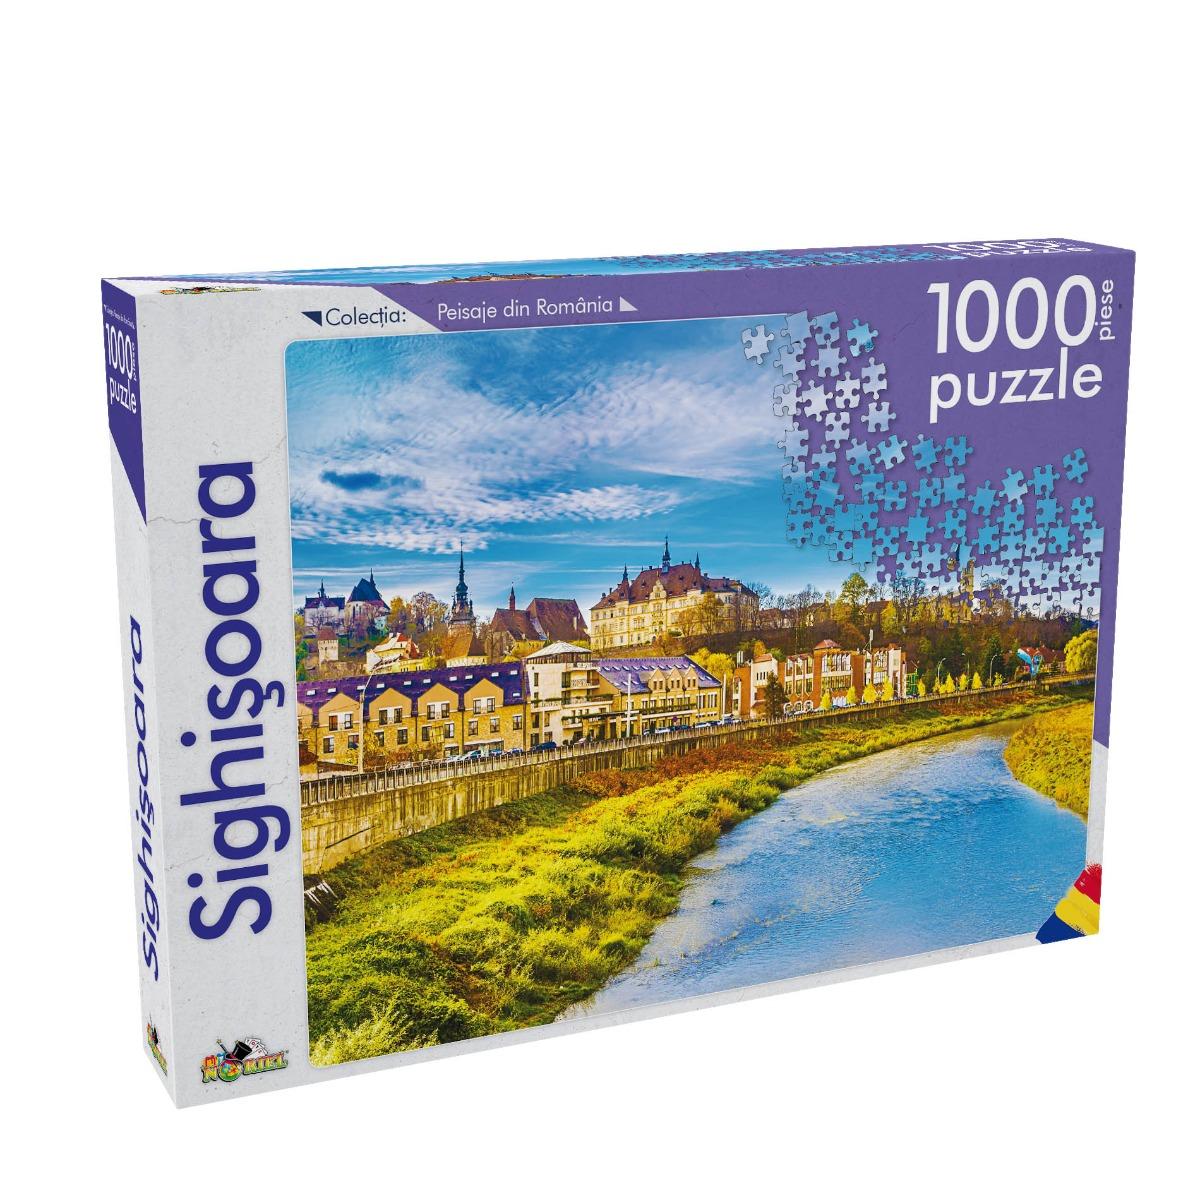 Puzzle Noriel - Peisaje din Romania - Sighisoara. 1000 Piese